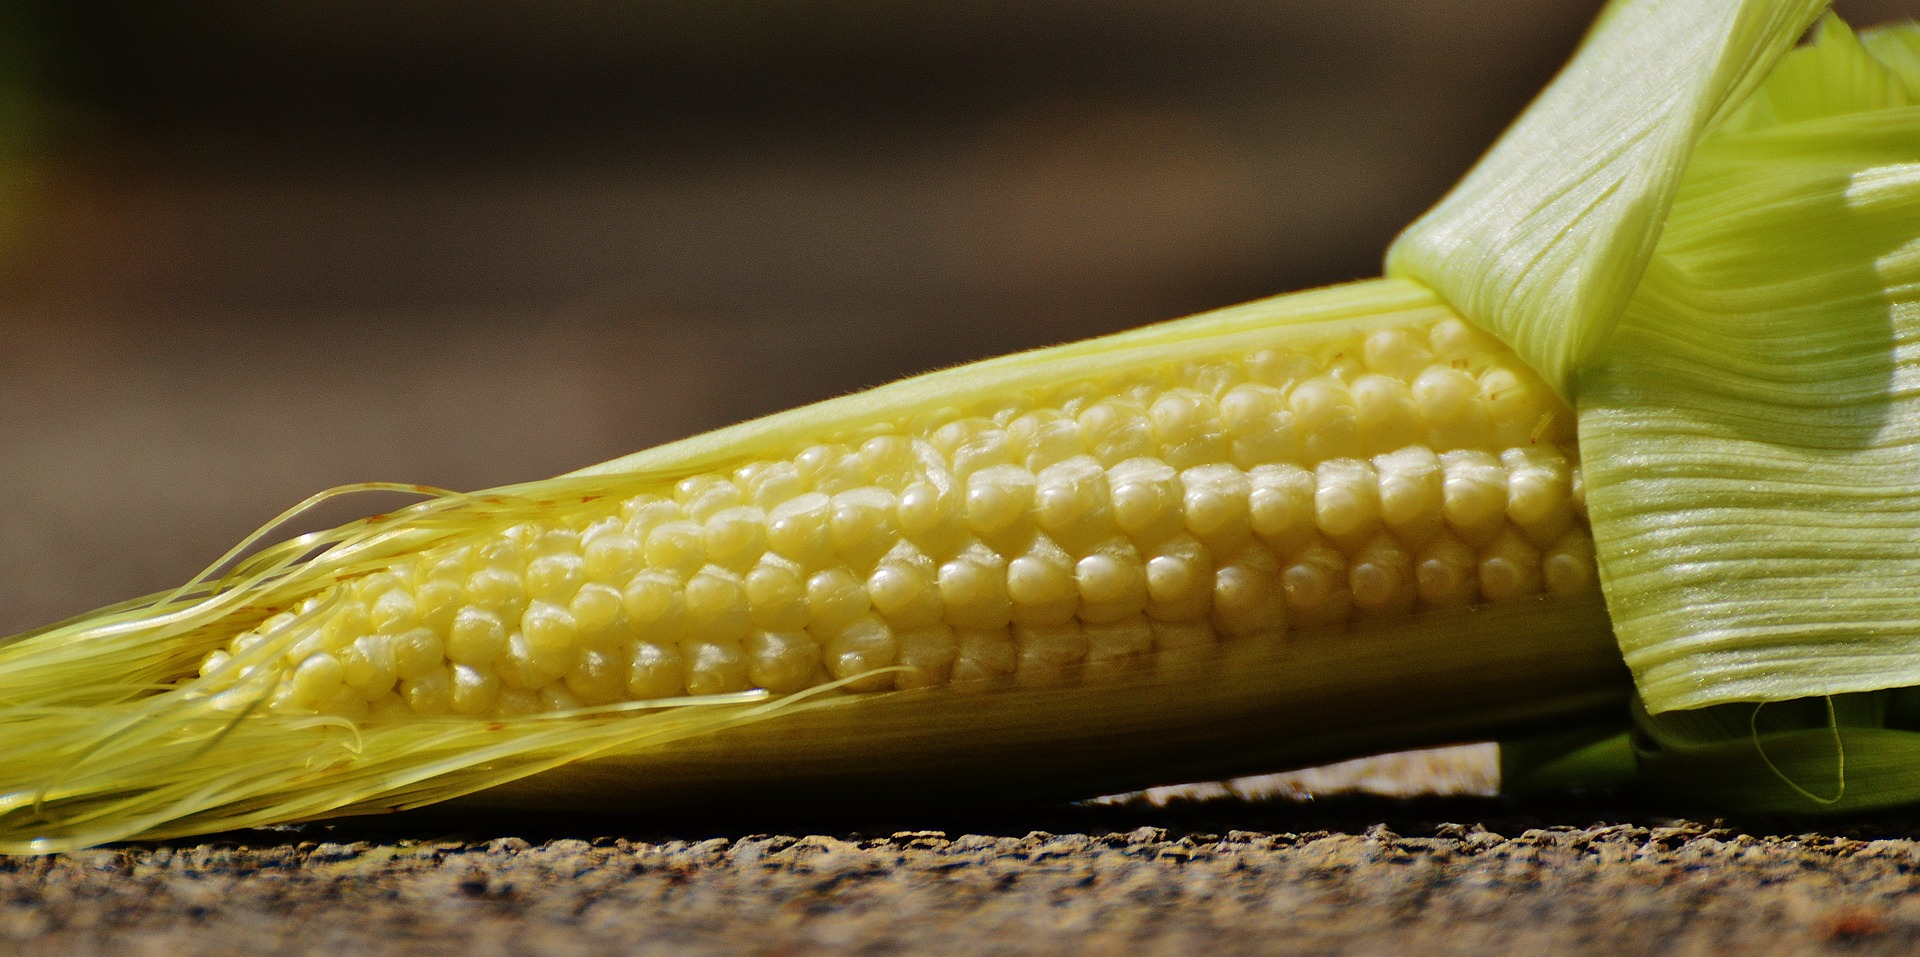 corn-1547888_1920.jpg